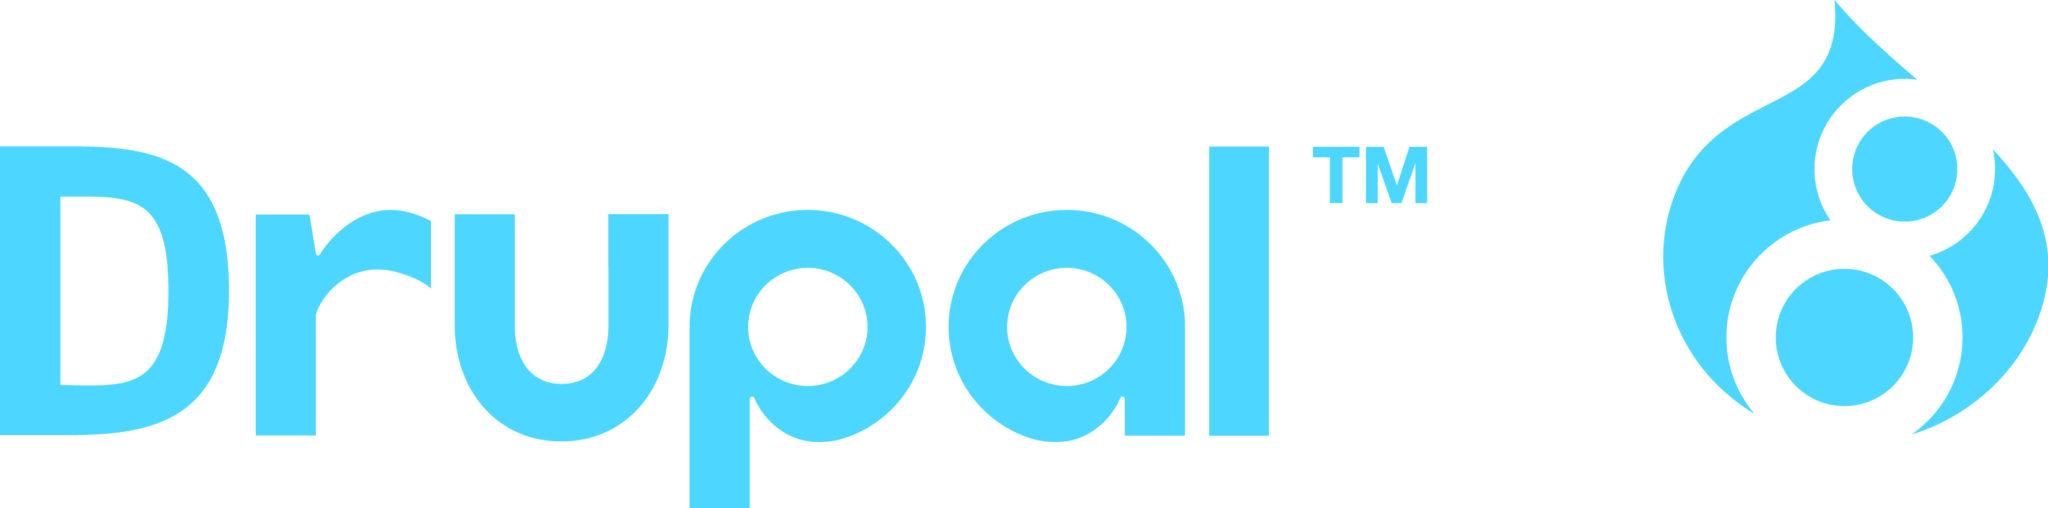 Drupal 7 oldalunk frissítése, migrálása Drupal 8 motorra